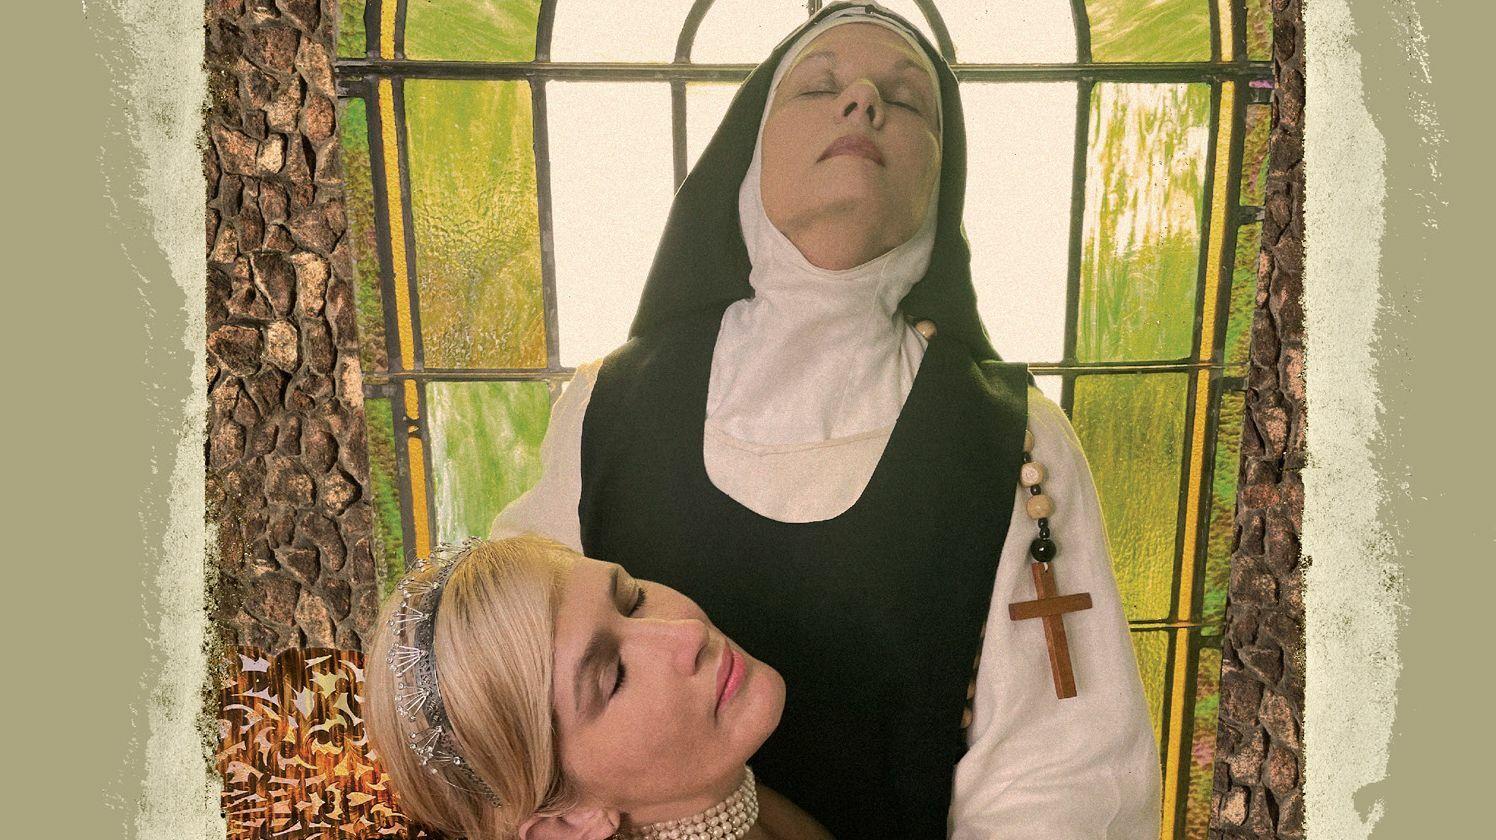 The Nun & The Countess